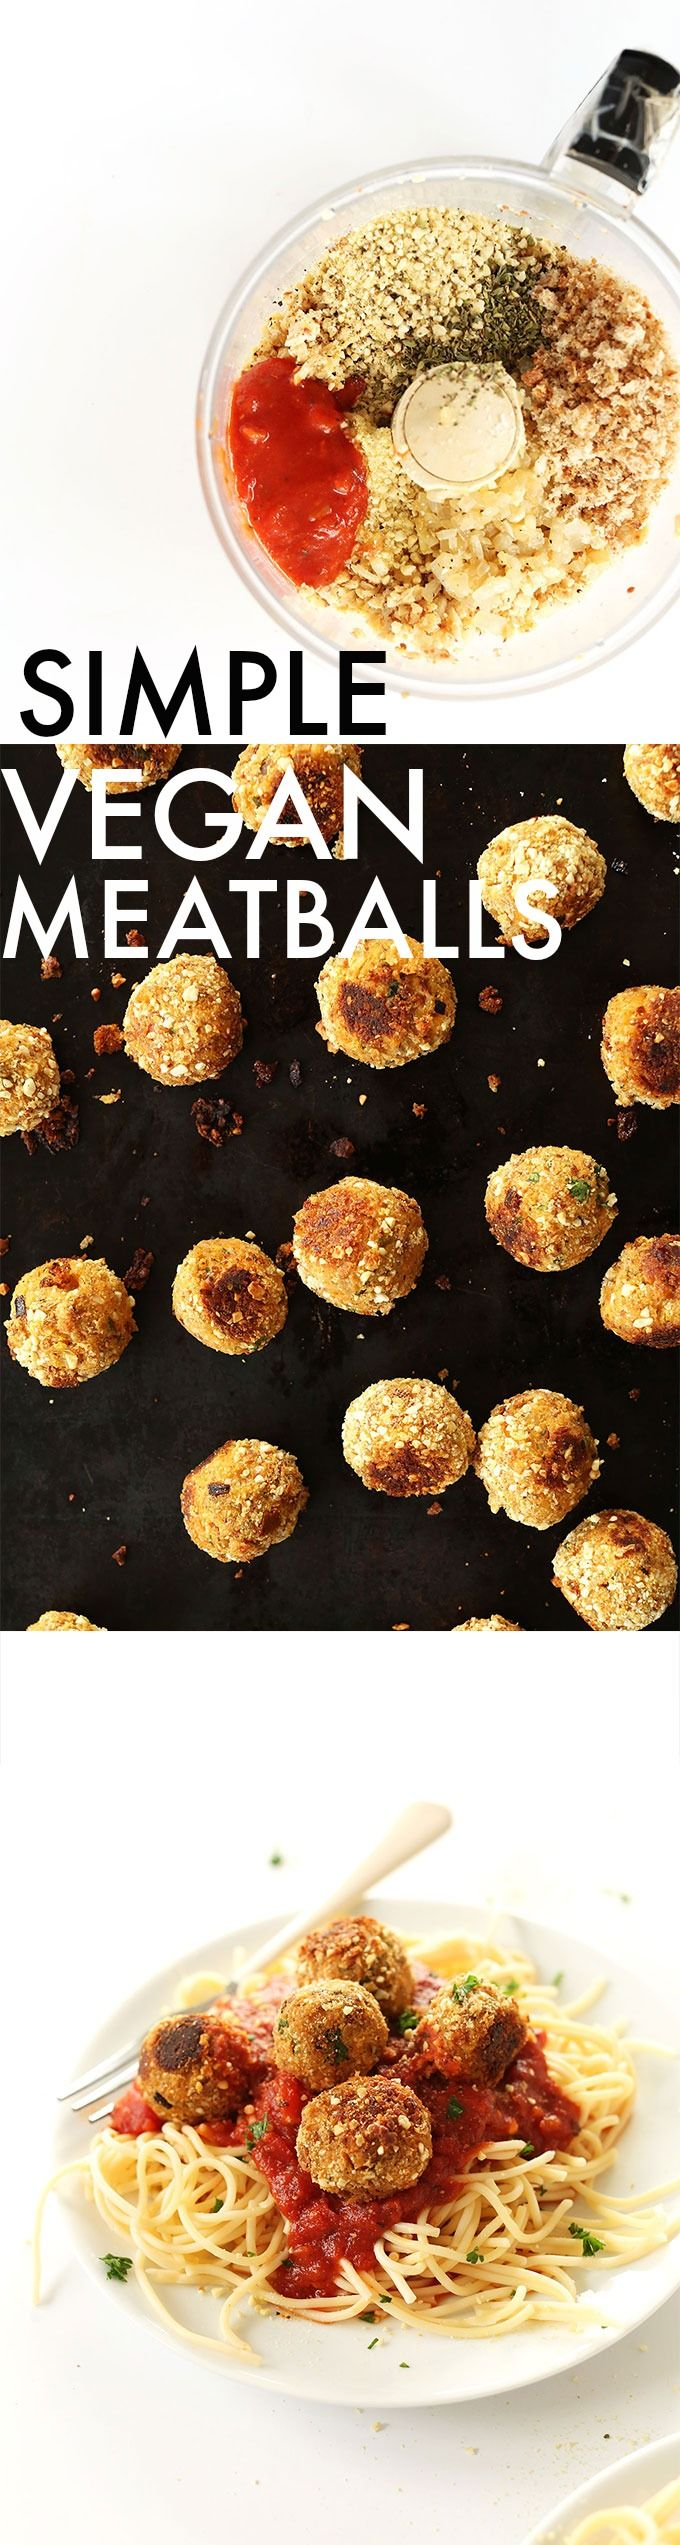 10 INGREDIENT Vegan Meatballs! Tempeh based, healthy, simple and entirely #VEGAN